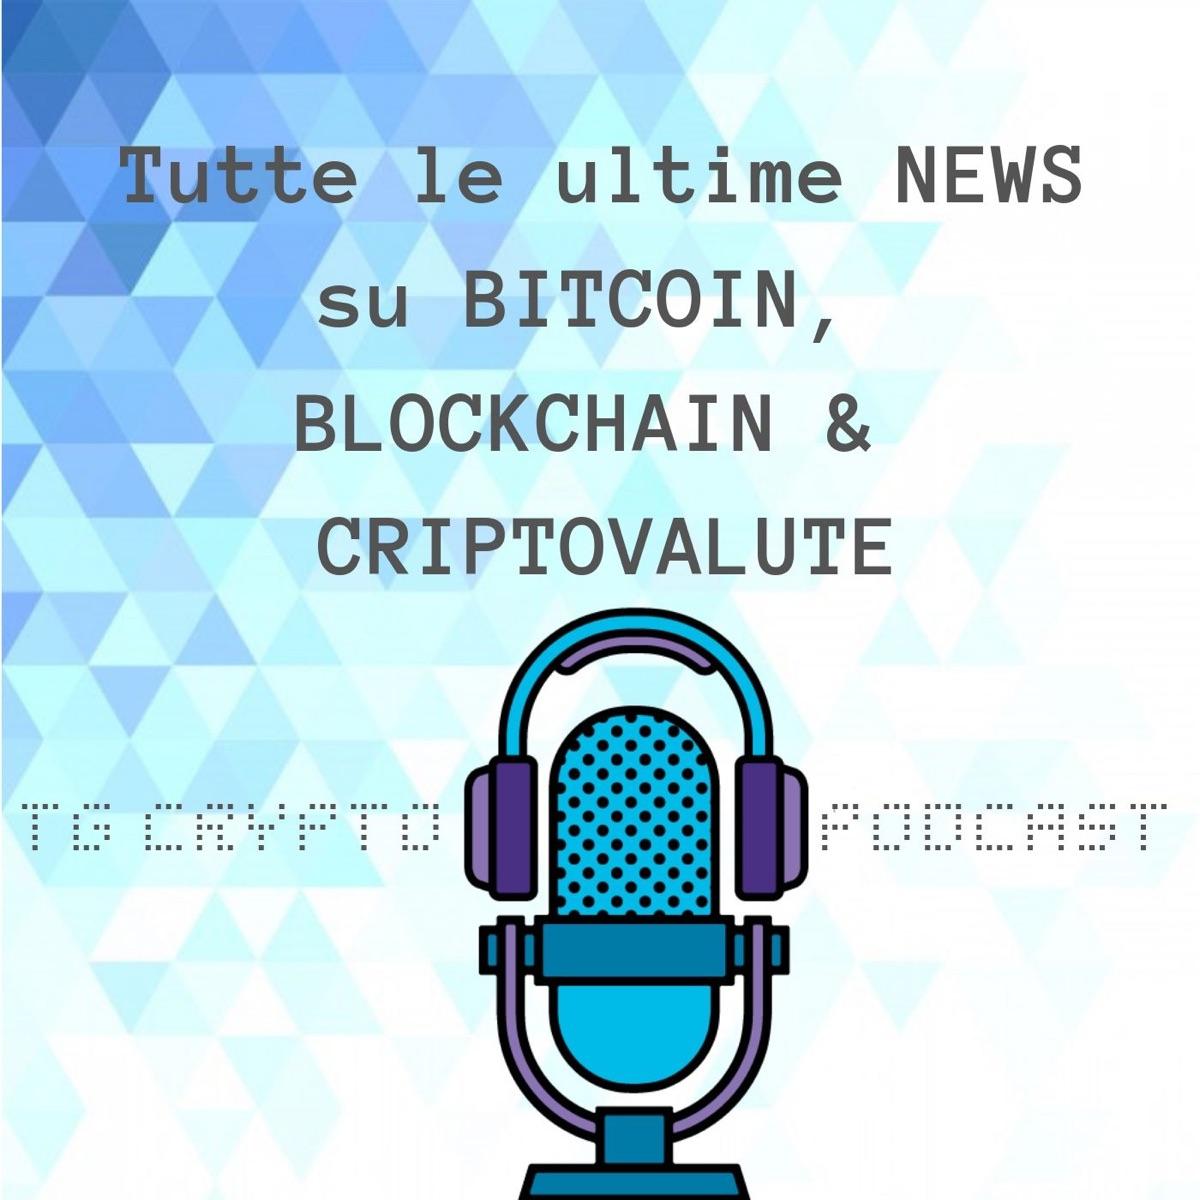 sbi scambio crypto data di lancio come fare soldi investendo in bitcoin